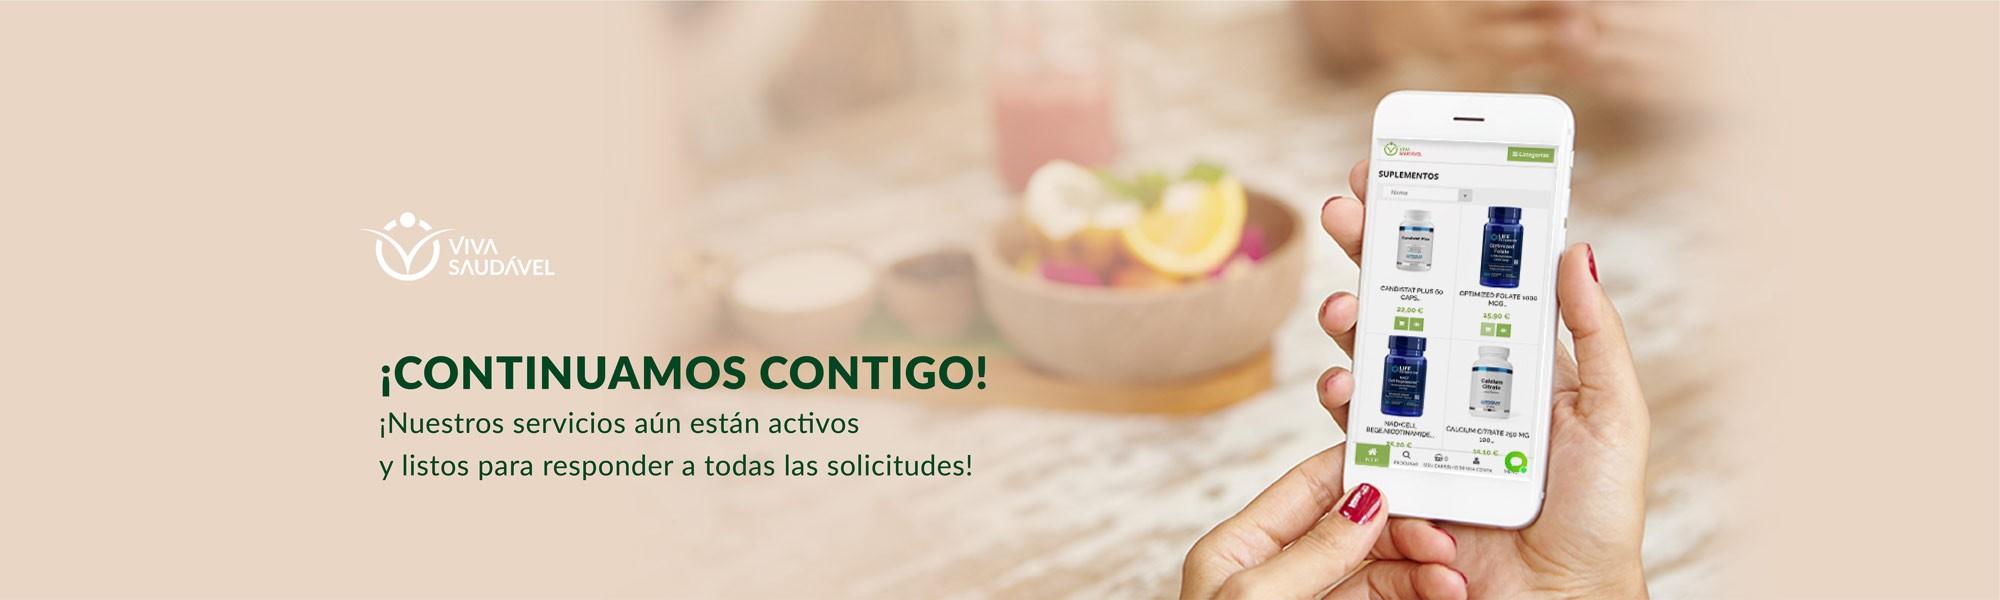 www.vivasaudavel.pt